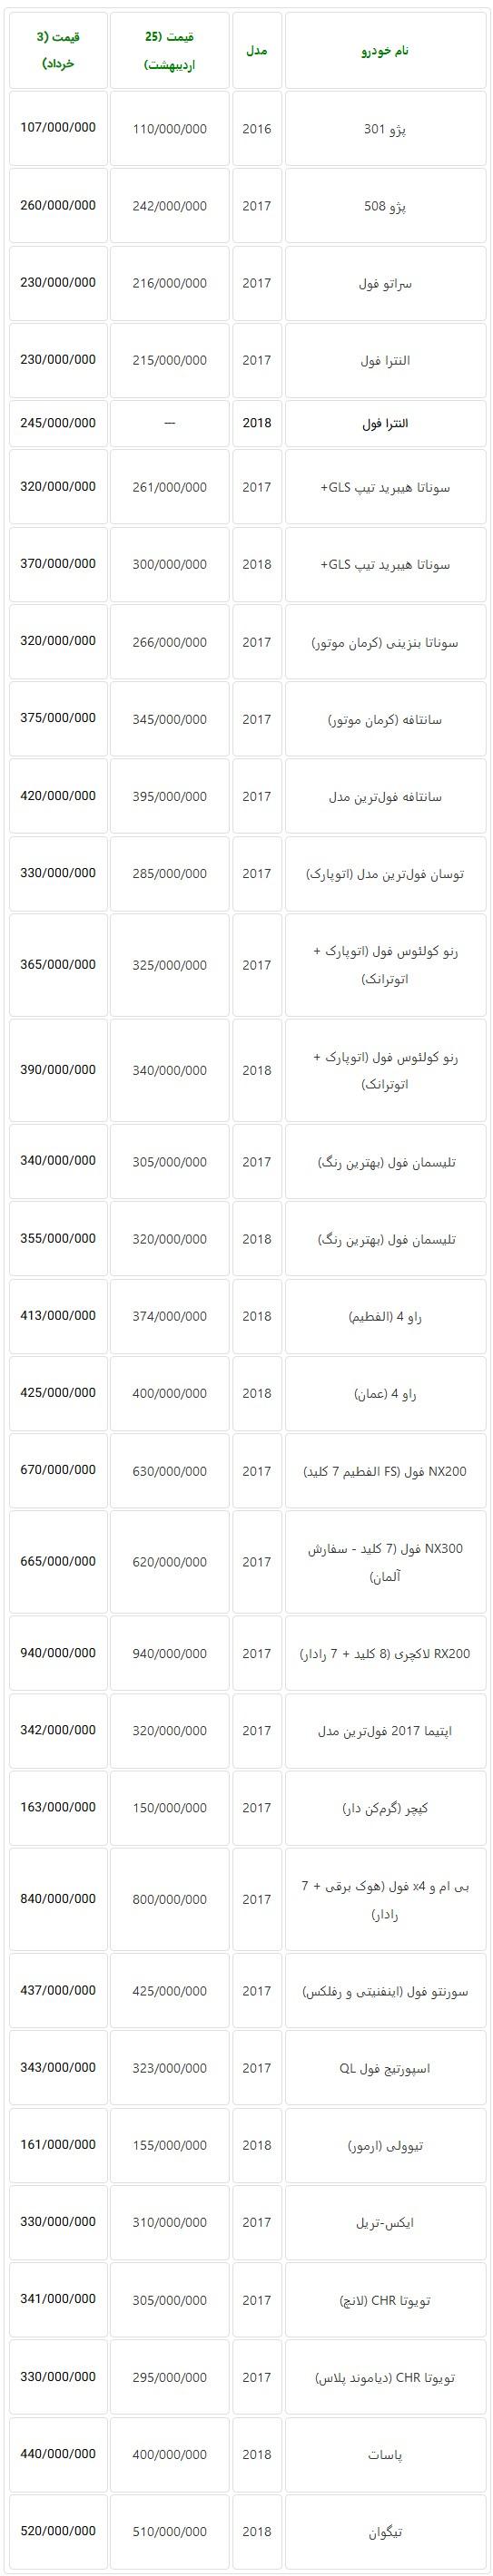 افزایش قیمت خودروهای وارداتی در بازار تهران با وجود رکود سنگین + جدول